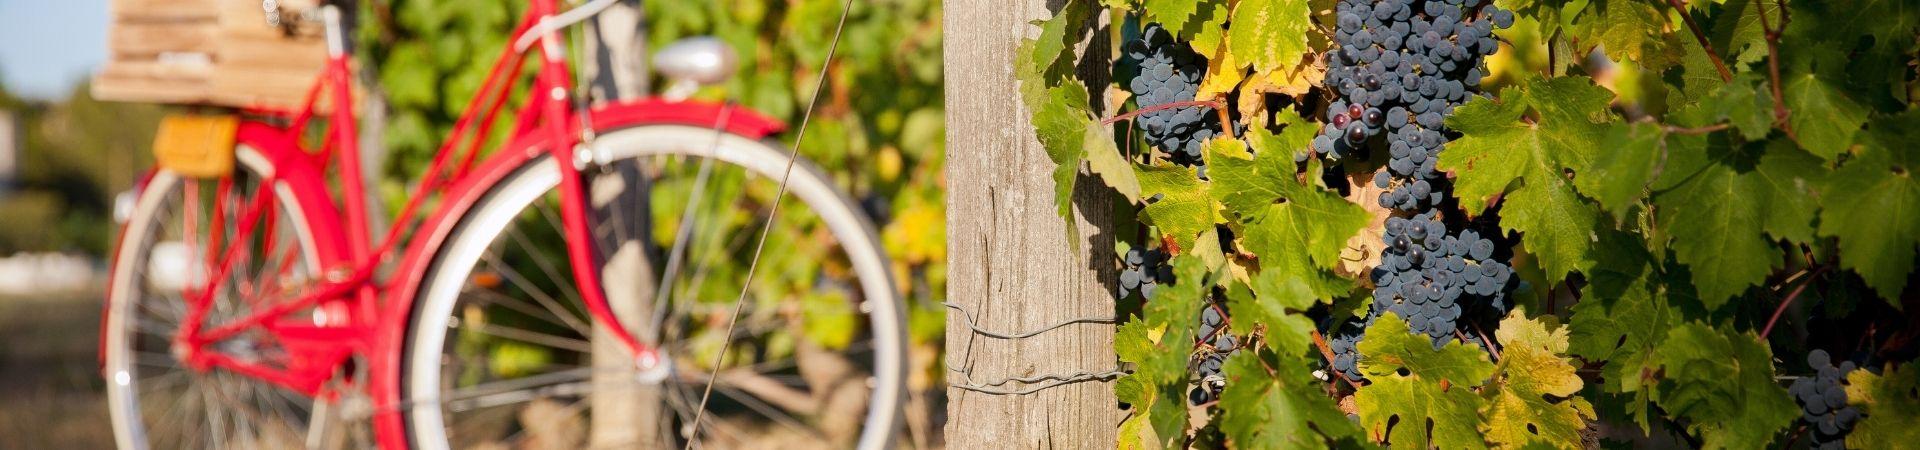 Le vin Bio, où en est-on ?